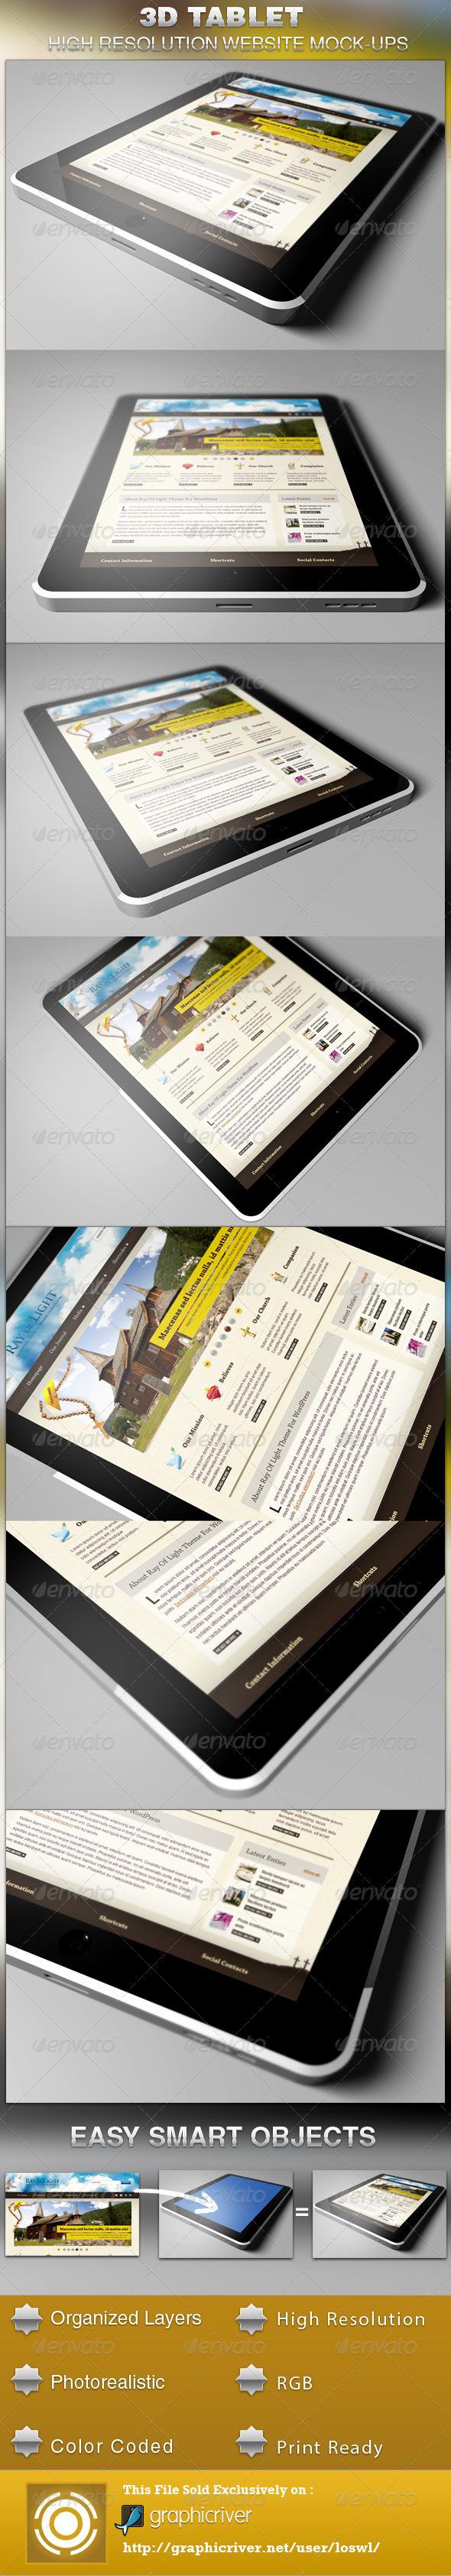 3D Tablet Website Mockup Template - Website Displays